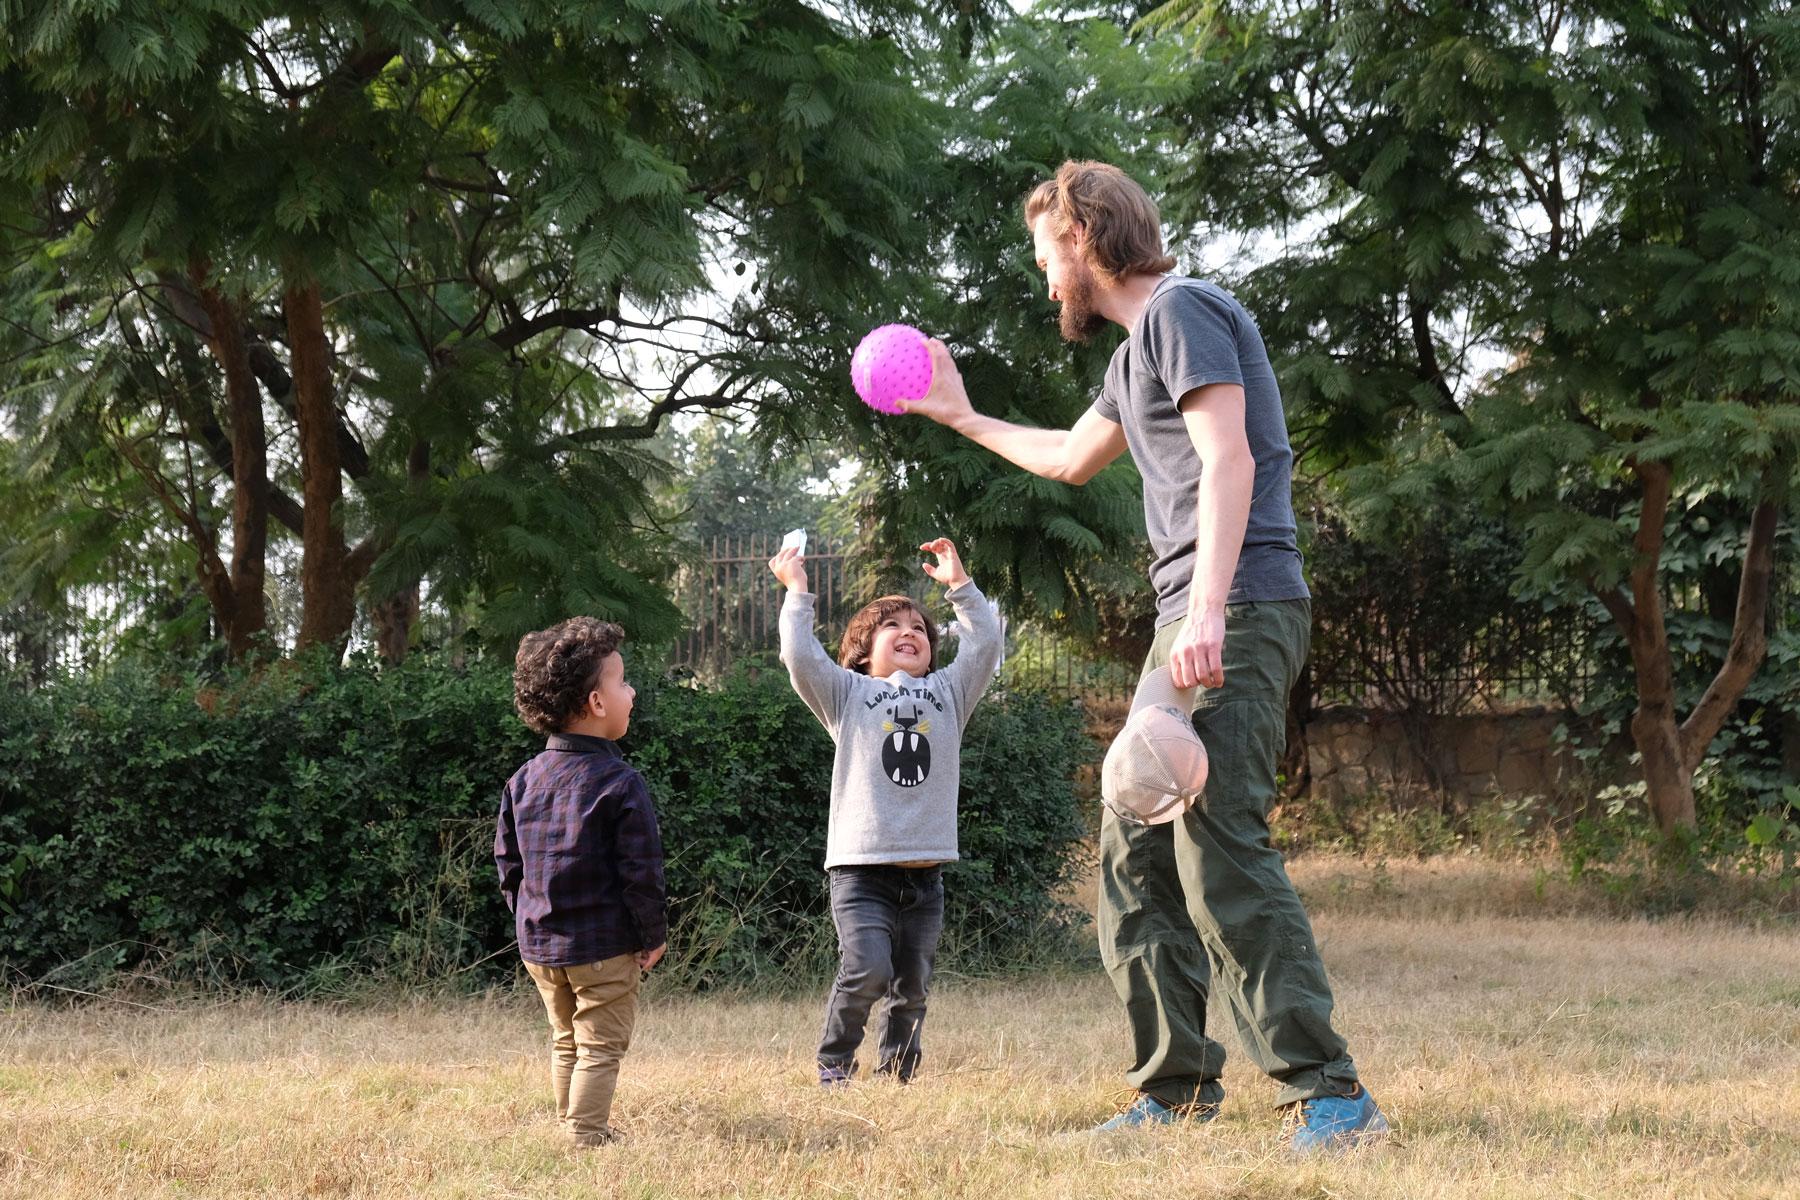 ...und die Kinder spielen zufrieden.